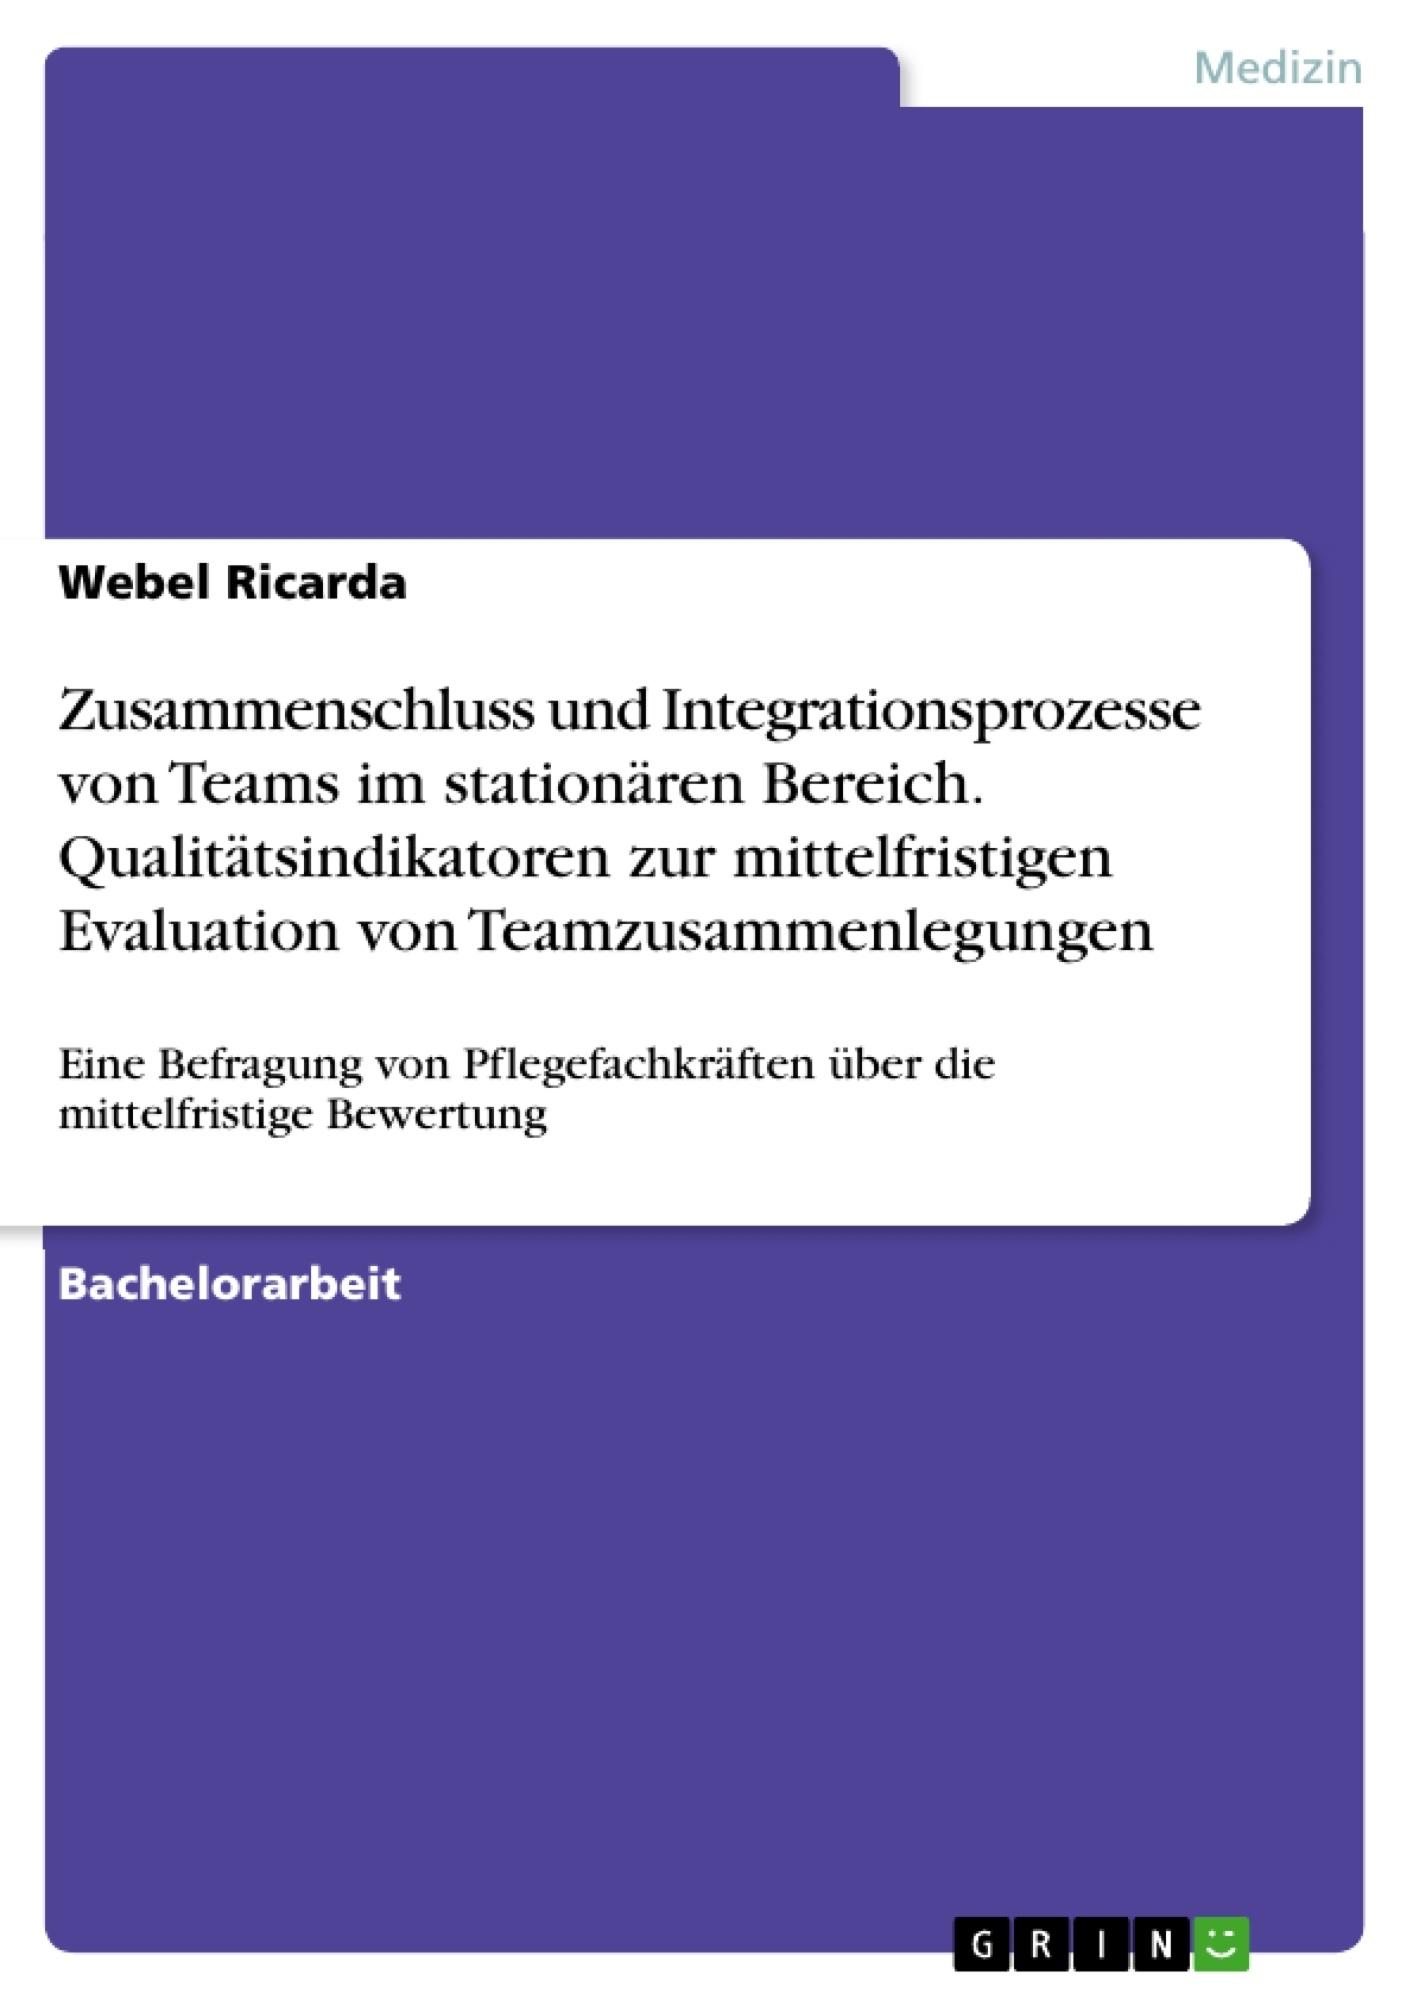 Titel: Zusammenschluss und Integrationsprozesse von Teams im stationären Bereich. Qualitätsindikatoren zur mittelfristigen Evaluation von Teamzusammenlegungen